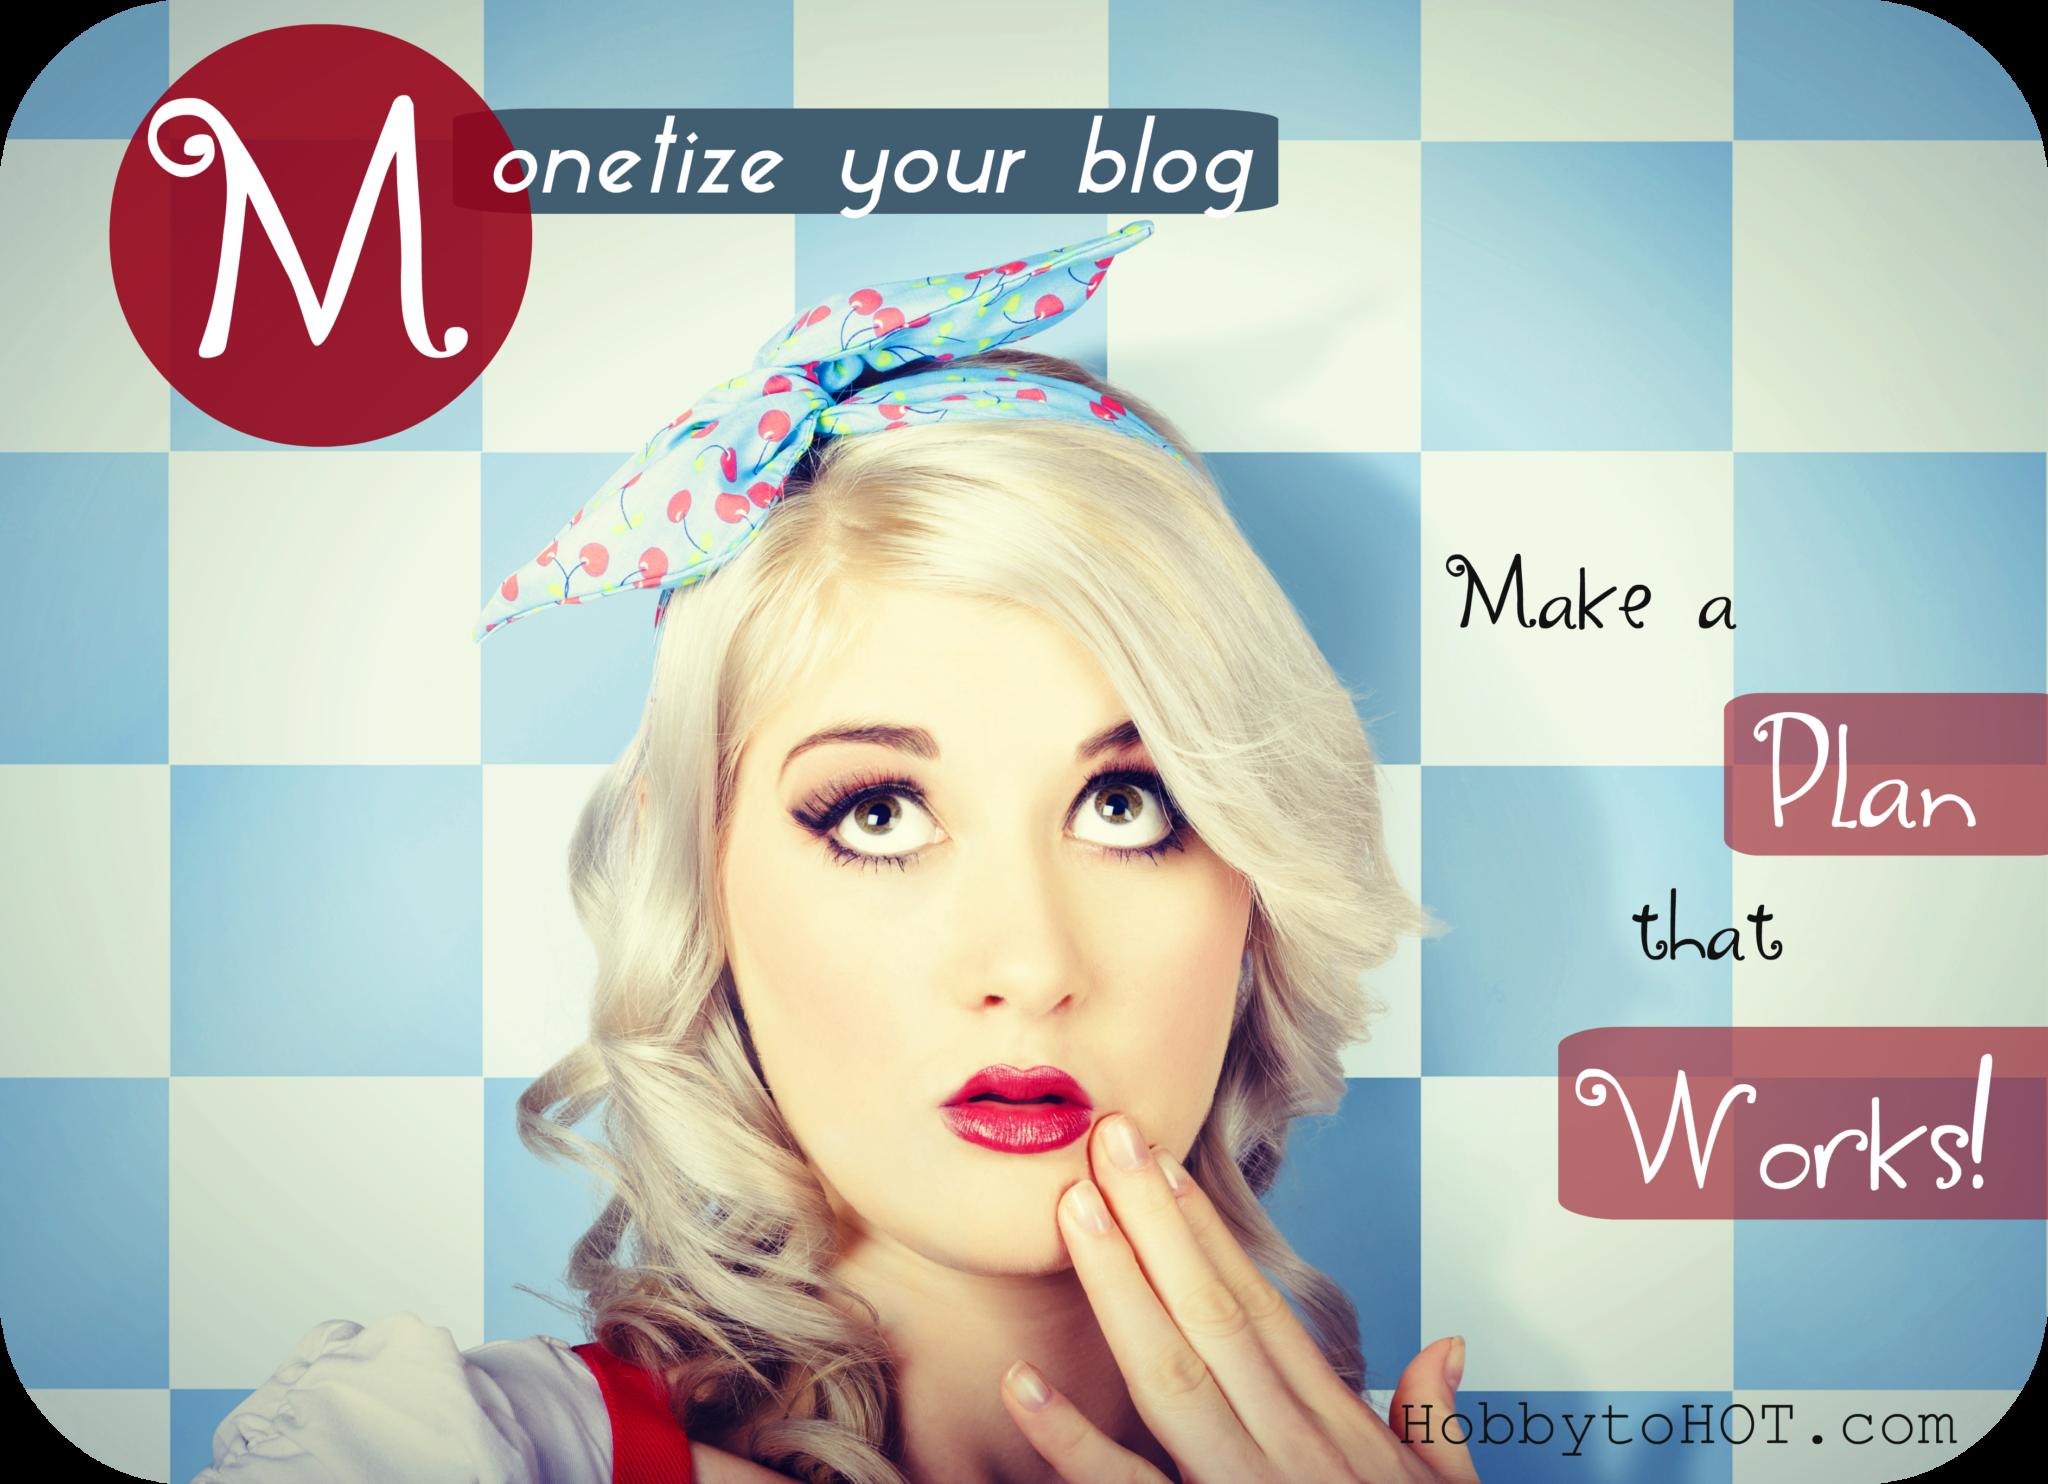 blogging, tips, make money blogging